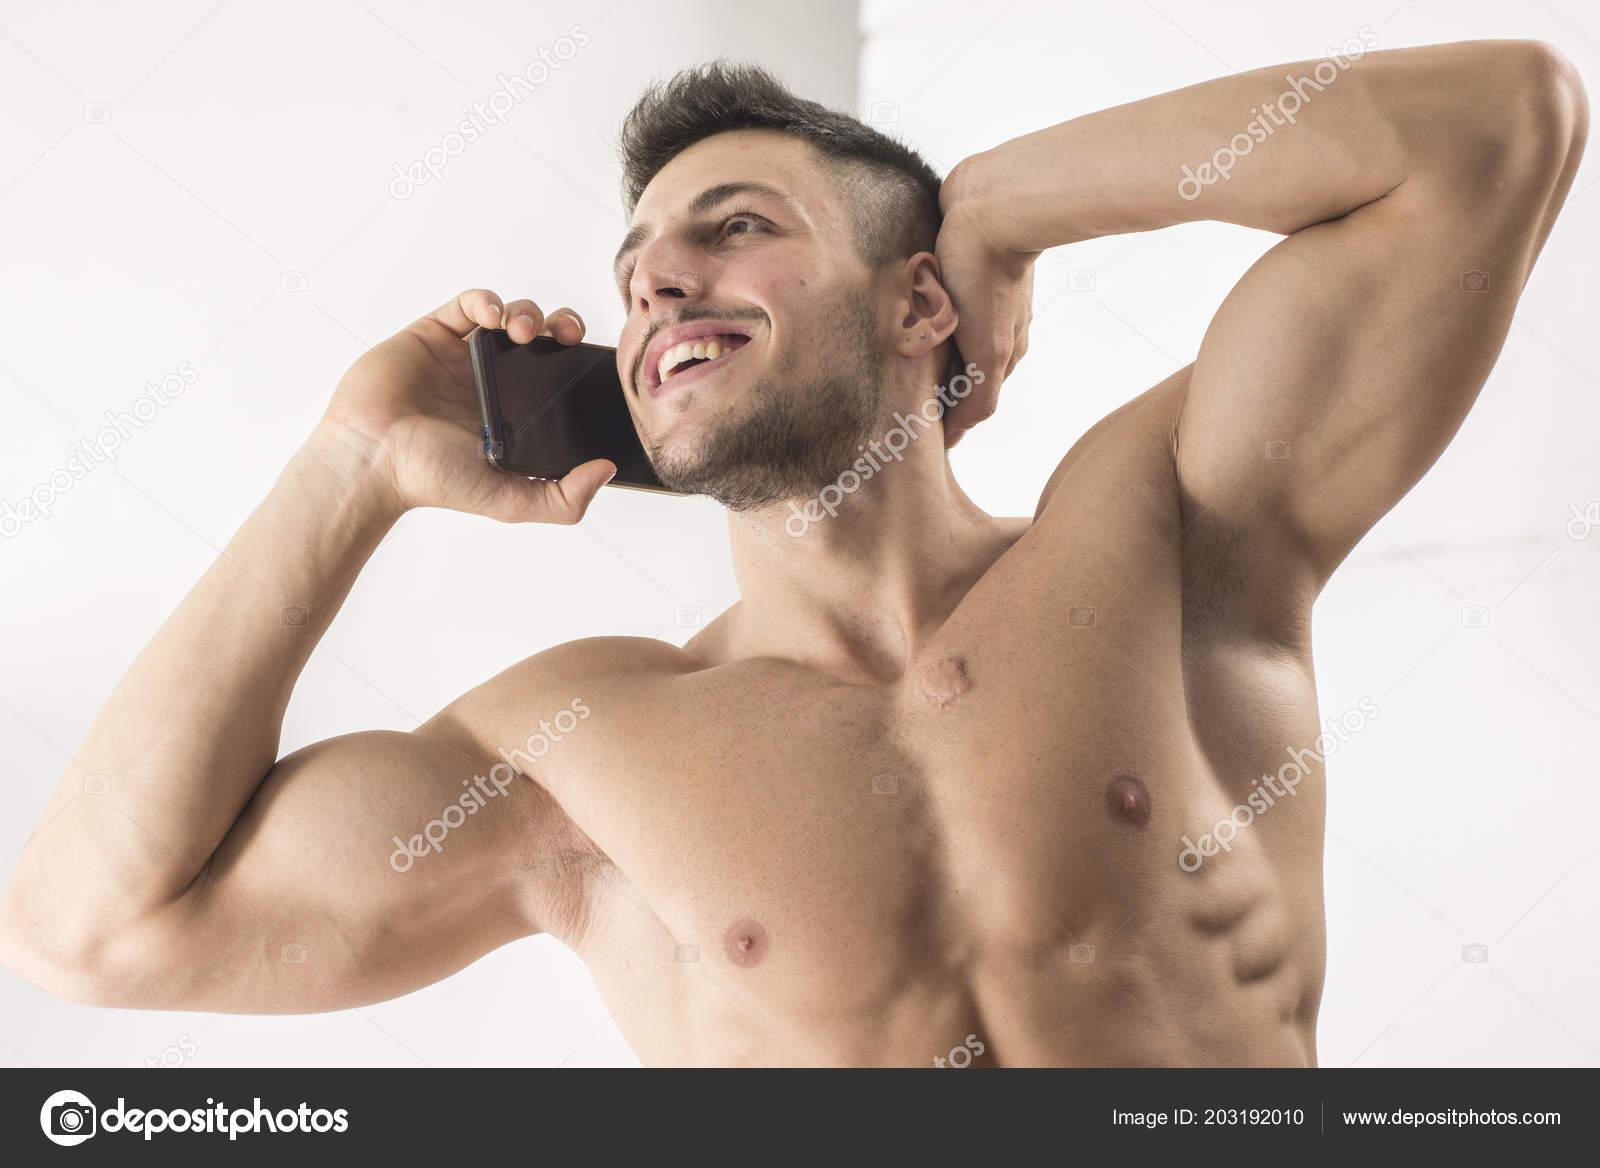 giovani nudo immaginiuna direzione sesso gay